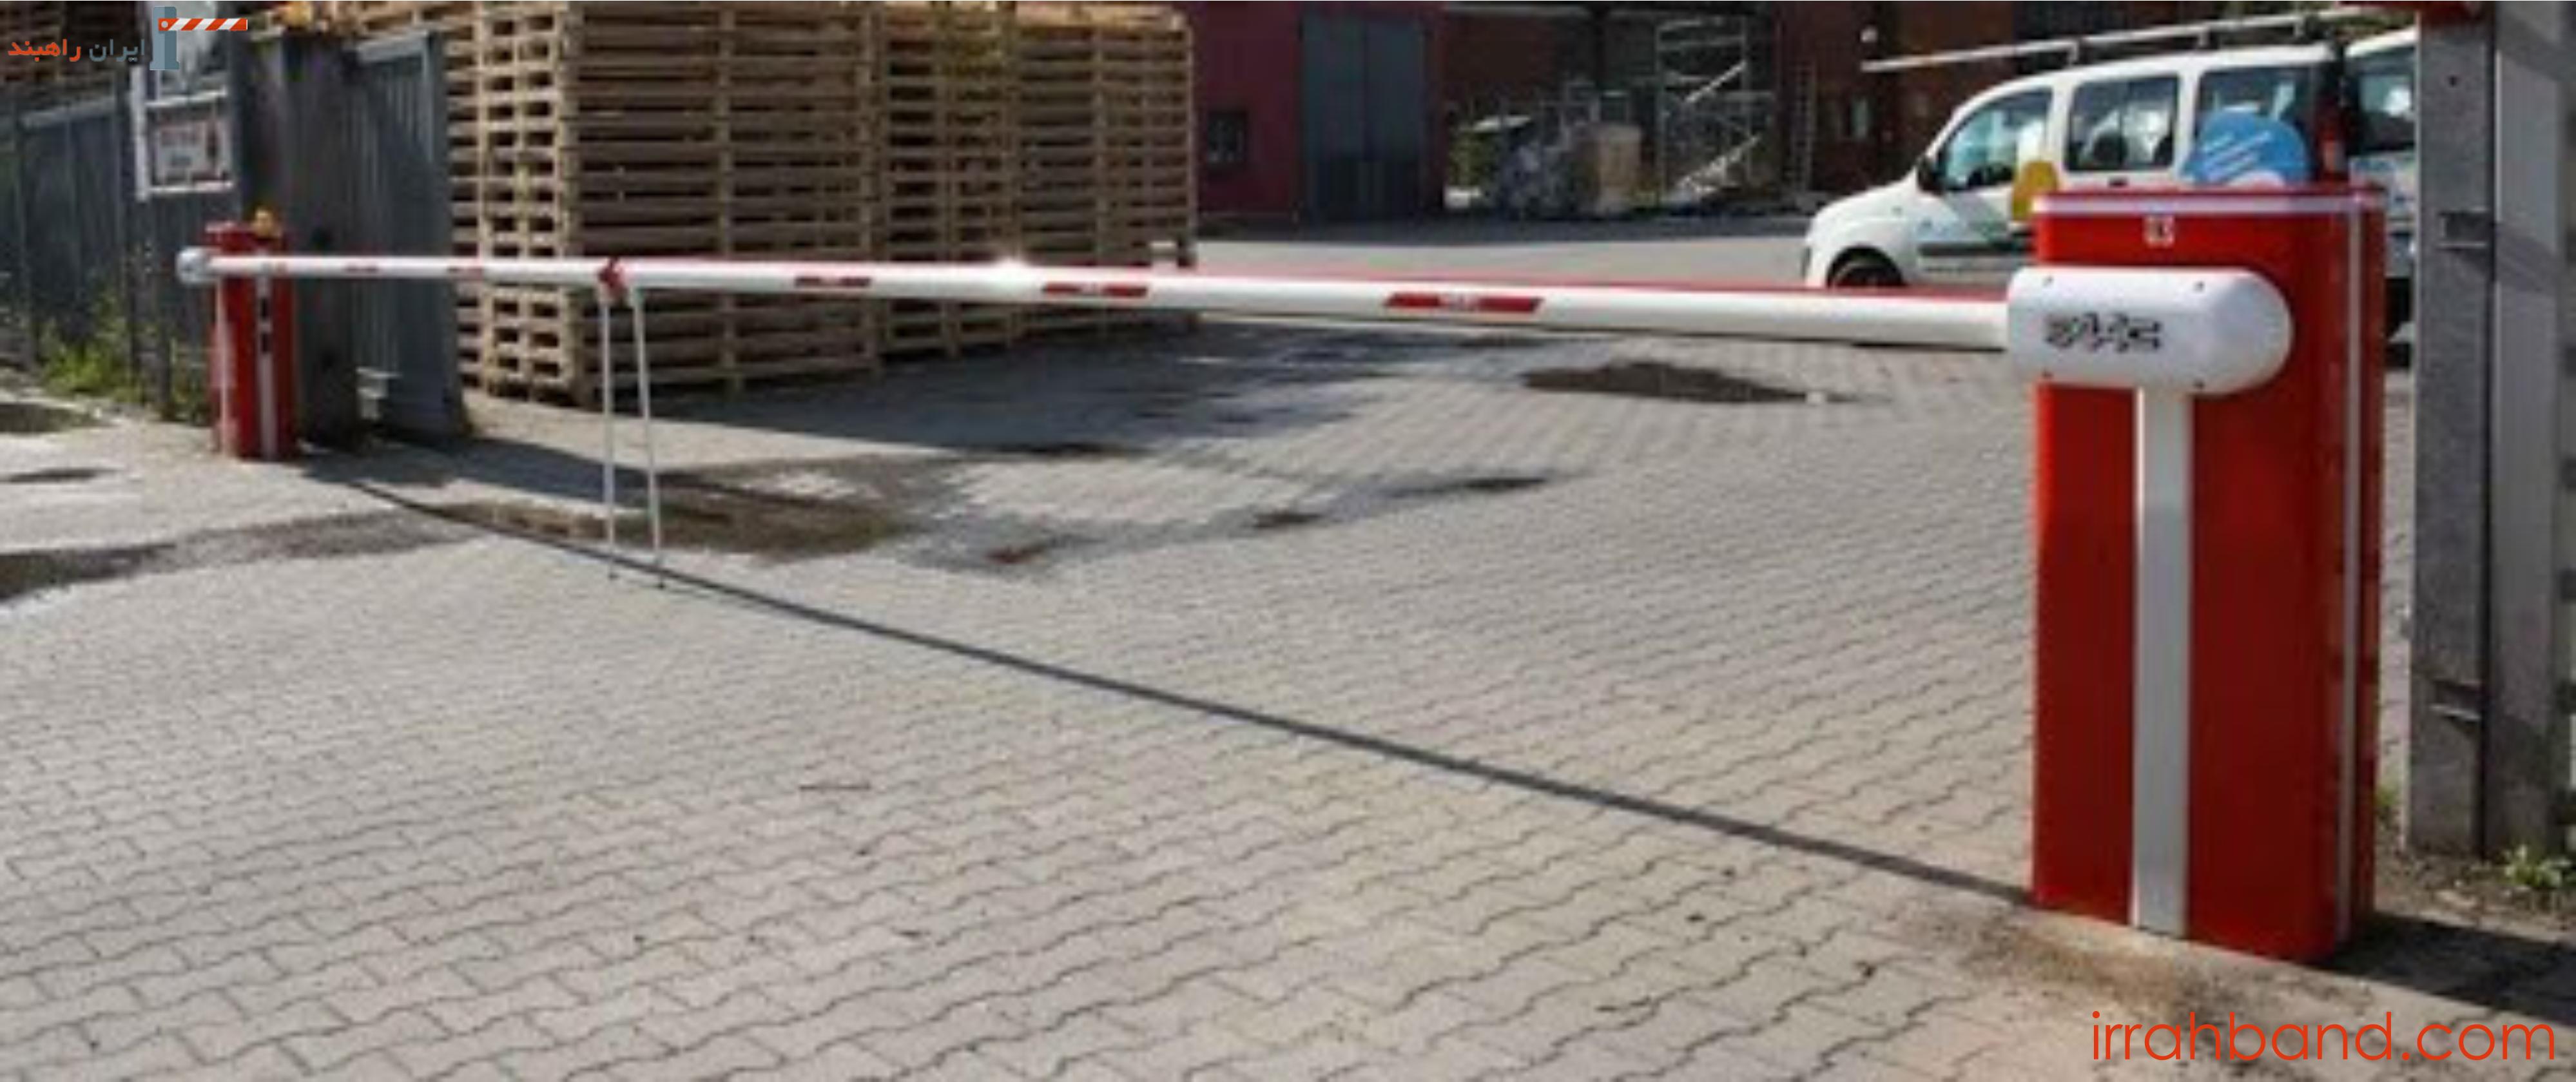 irrahband.com – راهبند پارکینگ